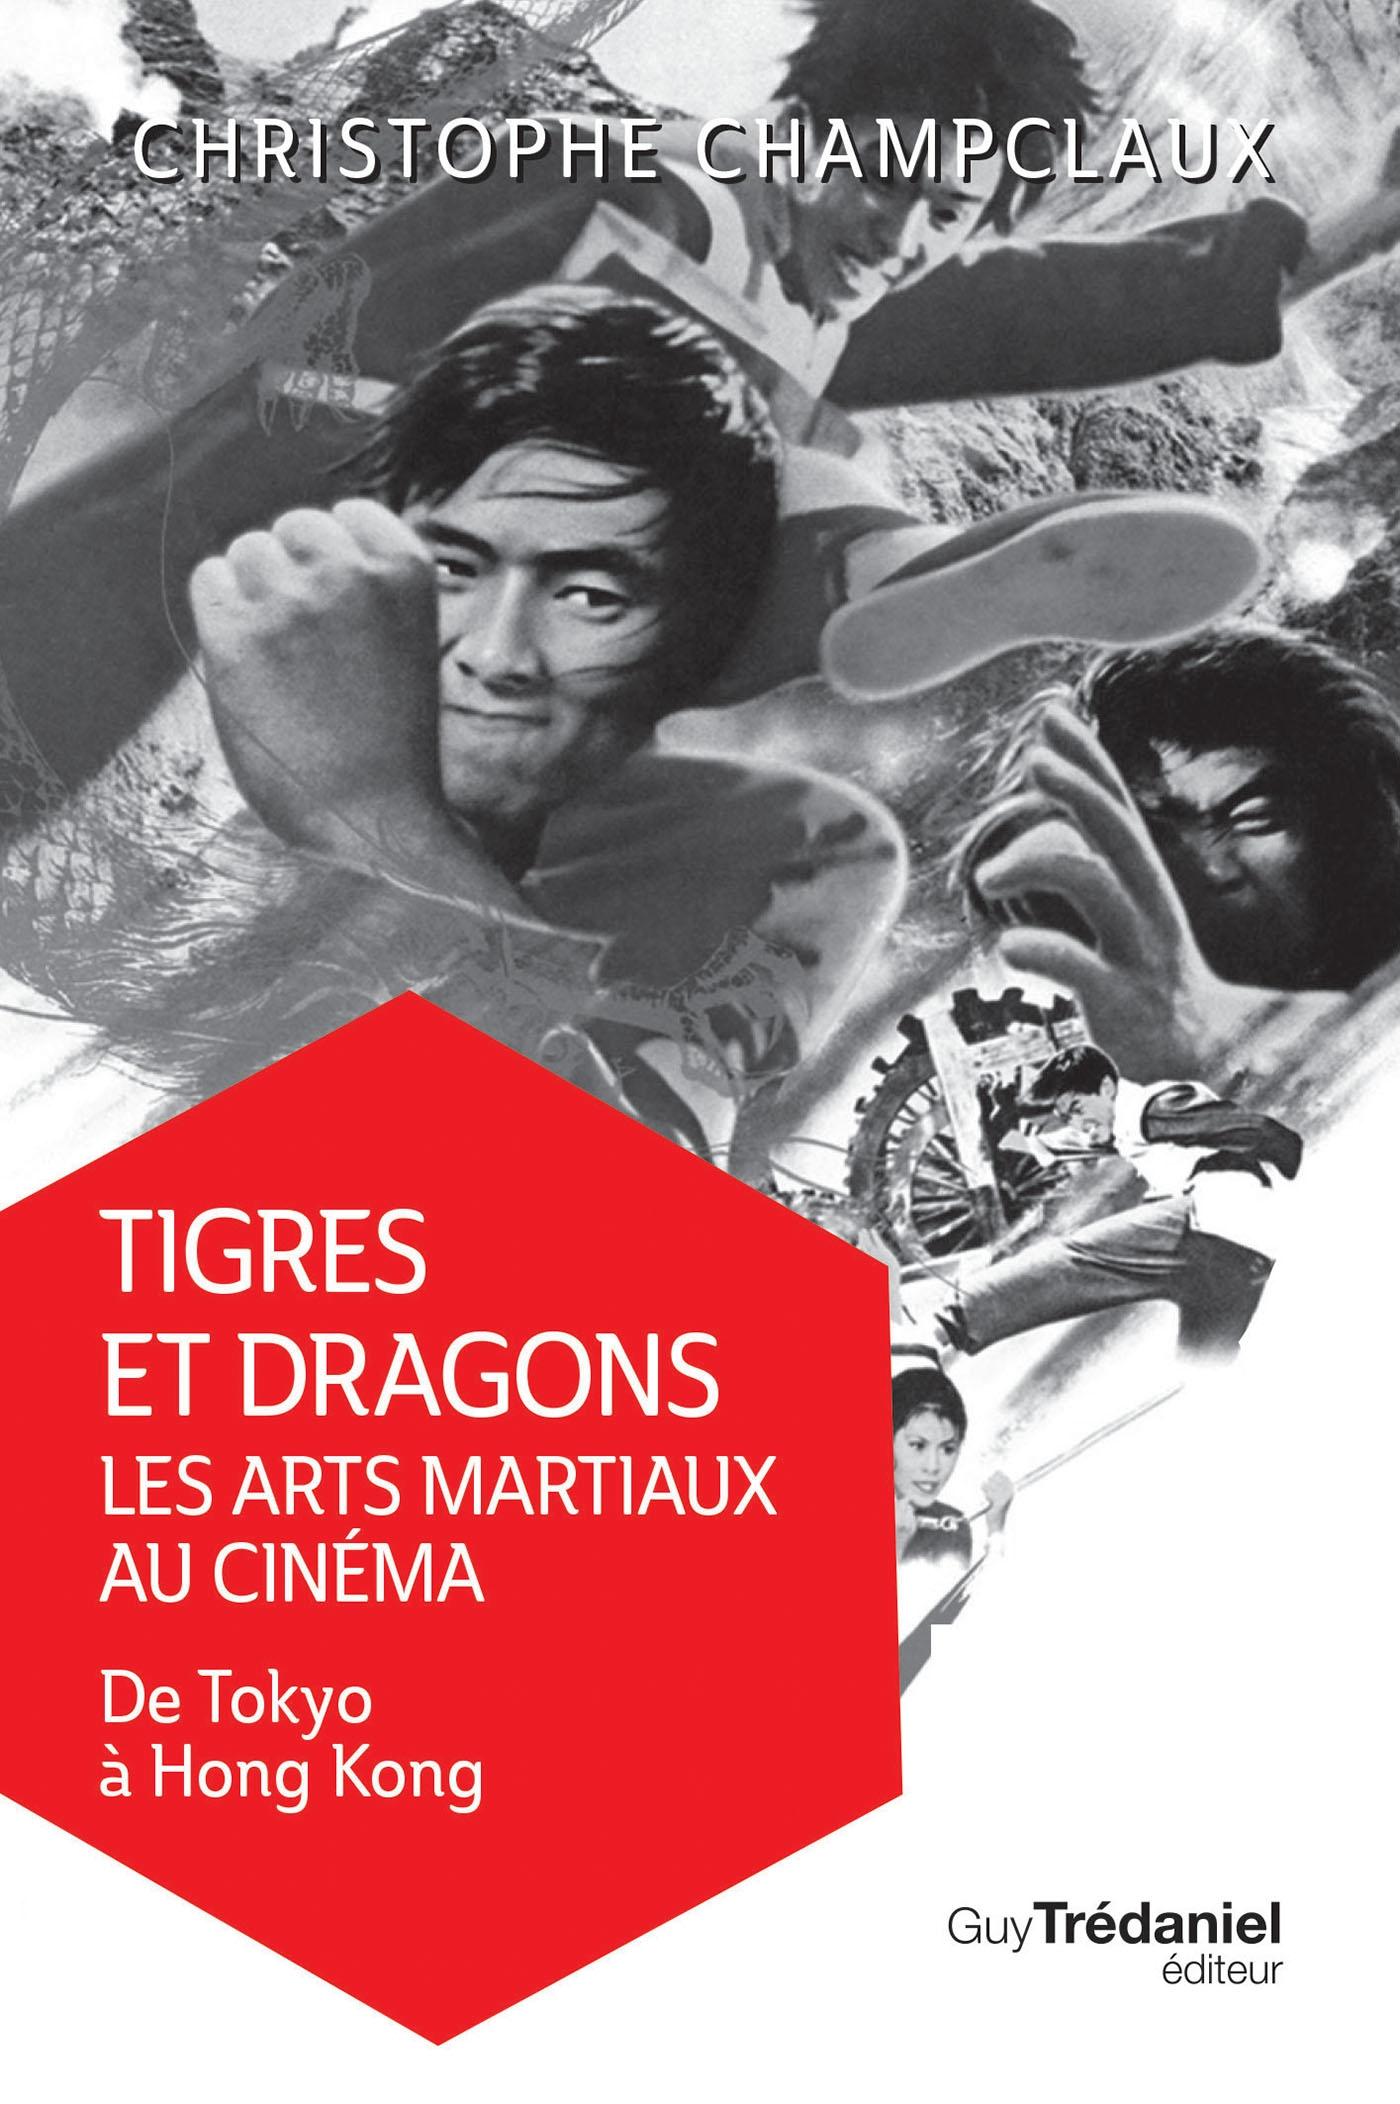 Tigres et dragons les arts martiaux au cinéma